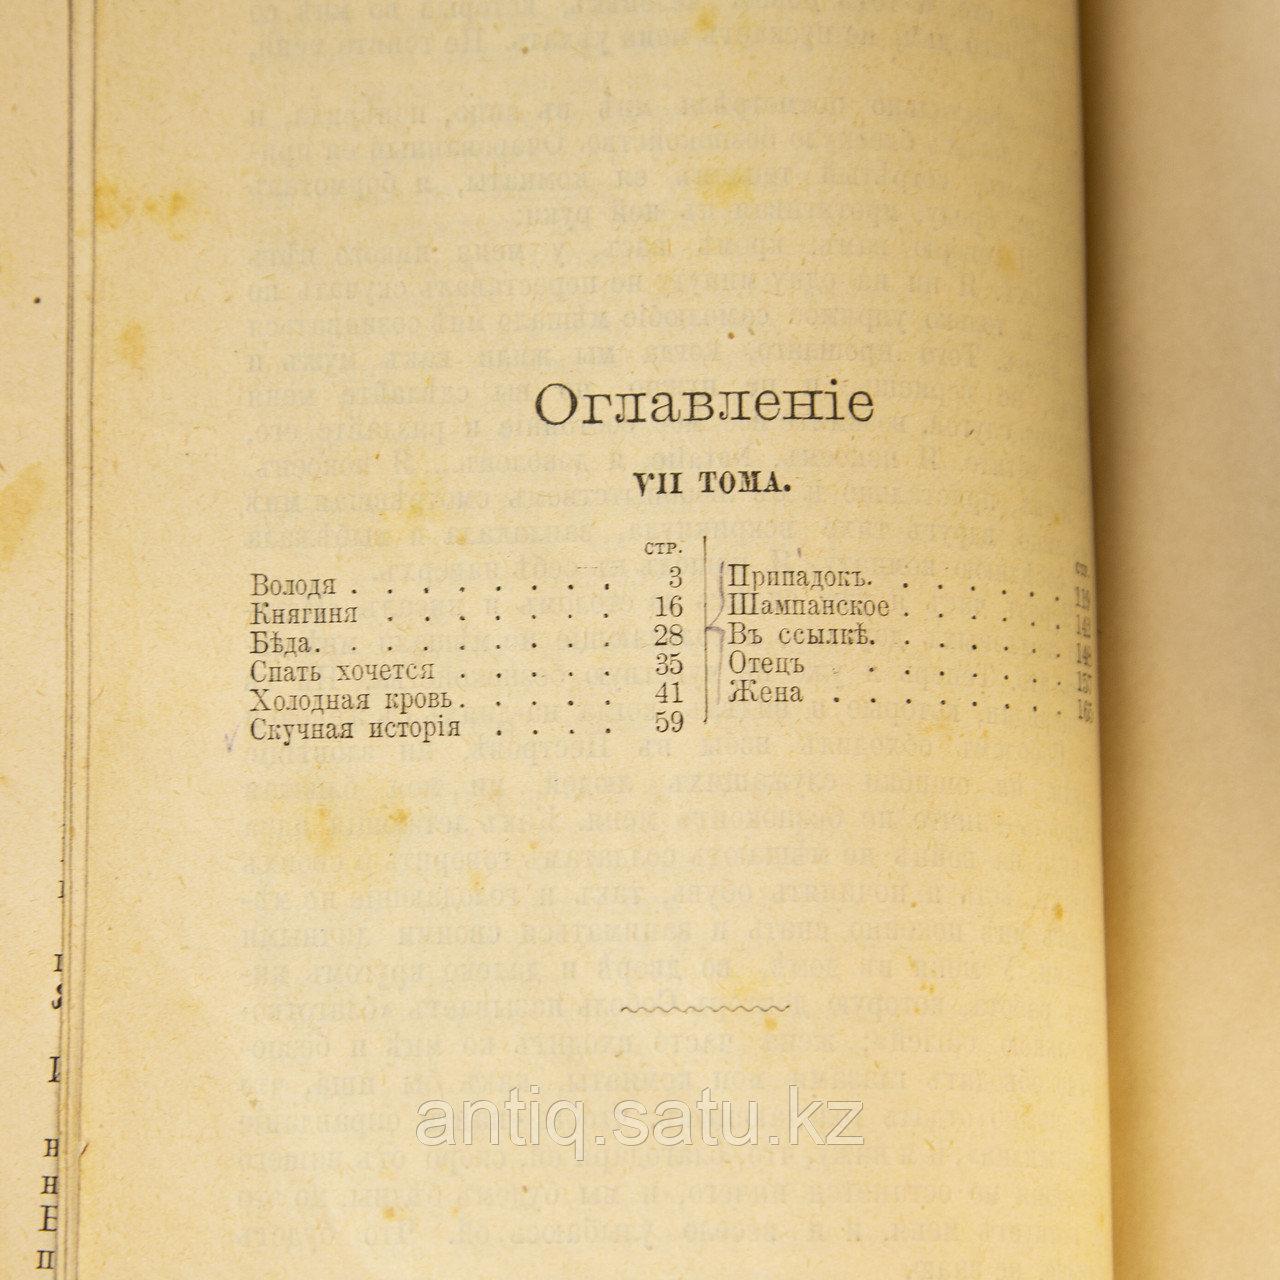 Собрание сочинений А.П. Чехова. 1903 год. Санкт-Петербург. - фото 3